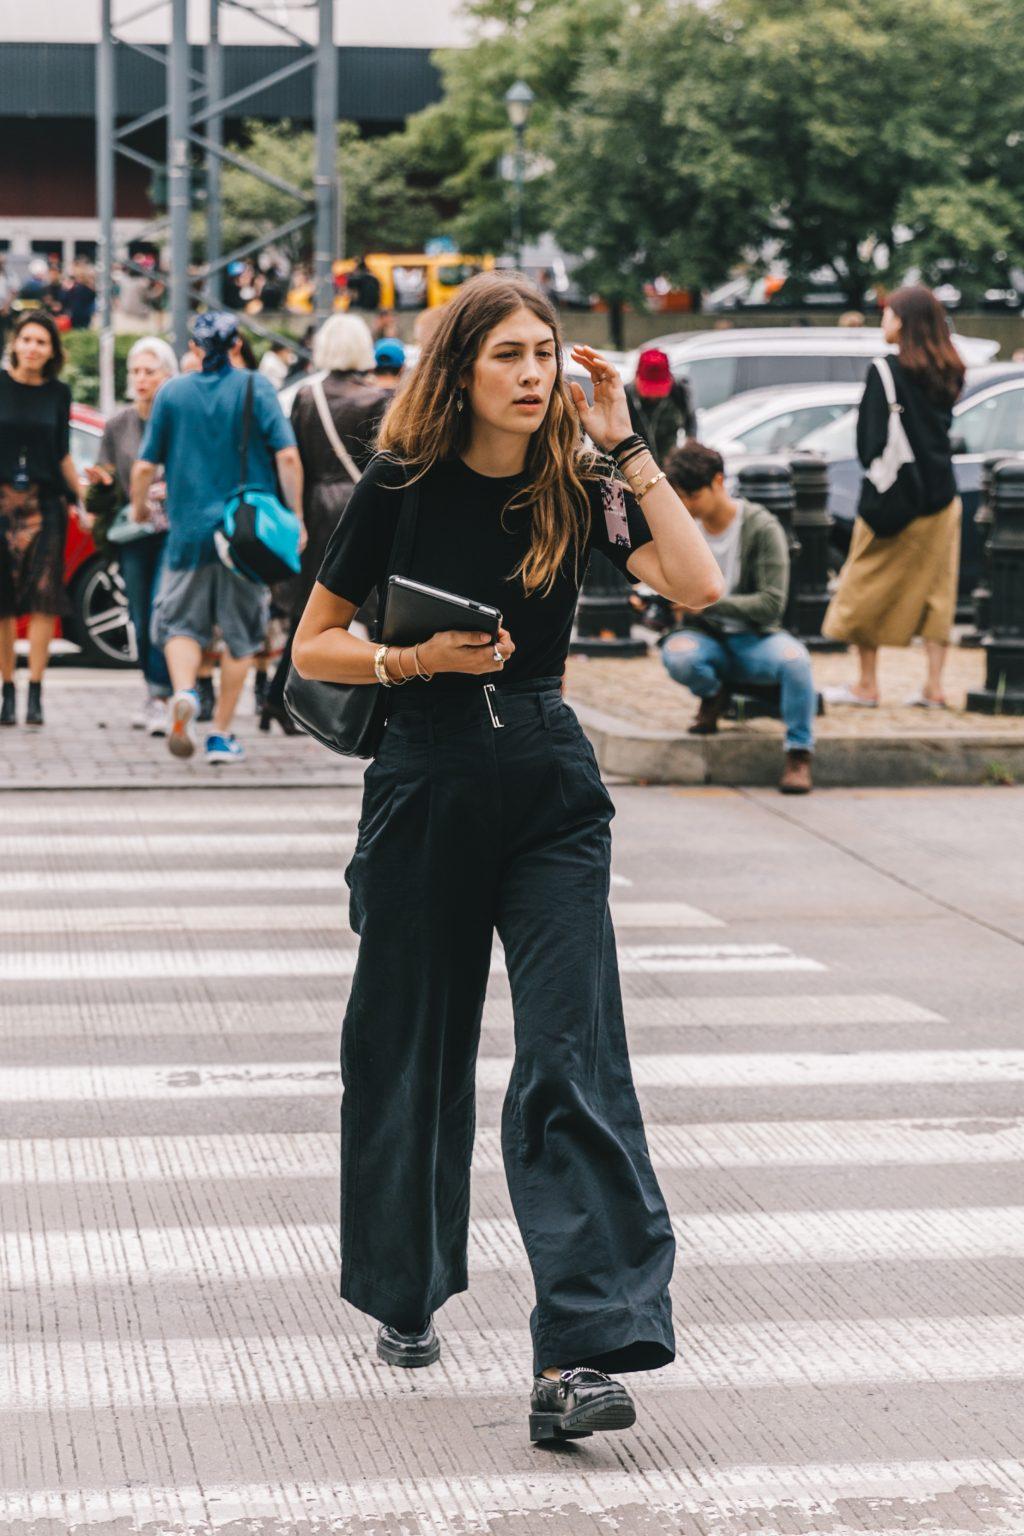 phối đồ công sở quần ống rộng và áo thun đen